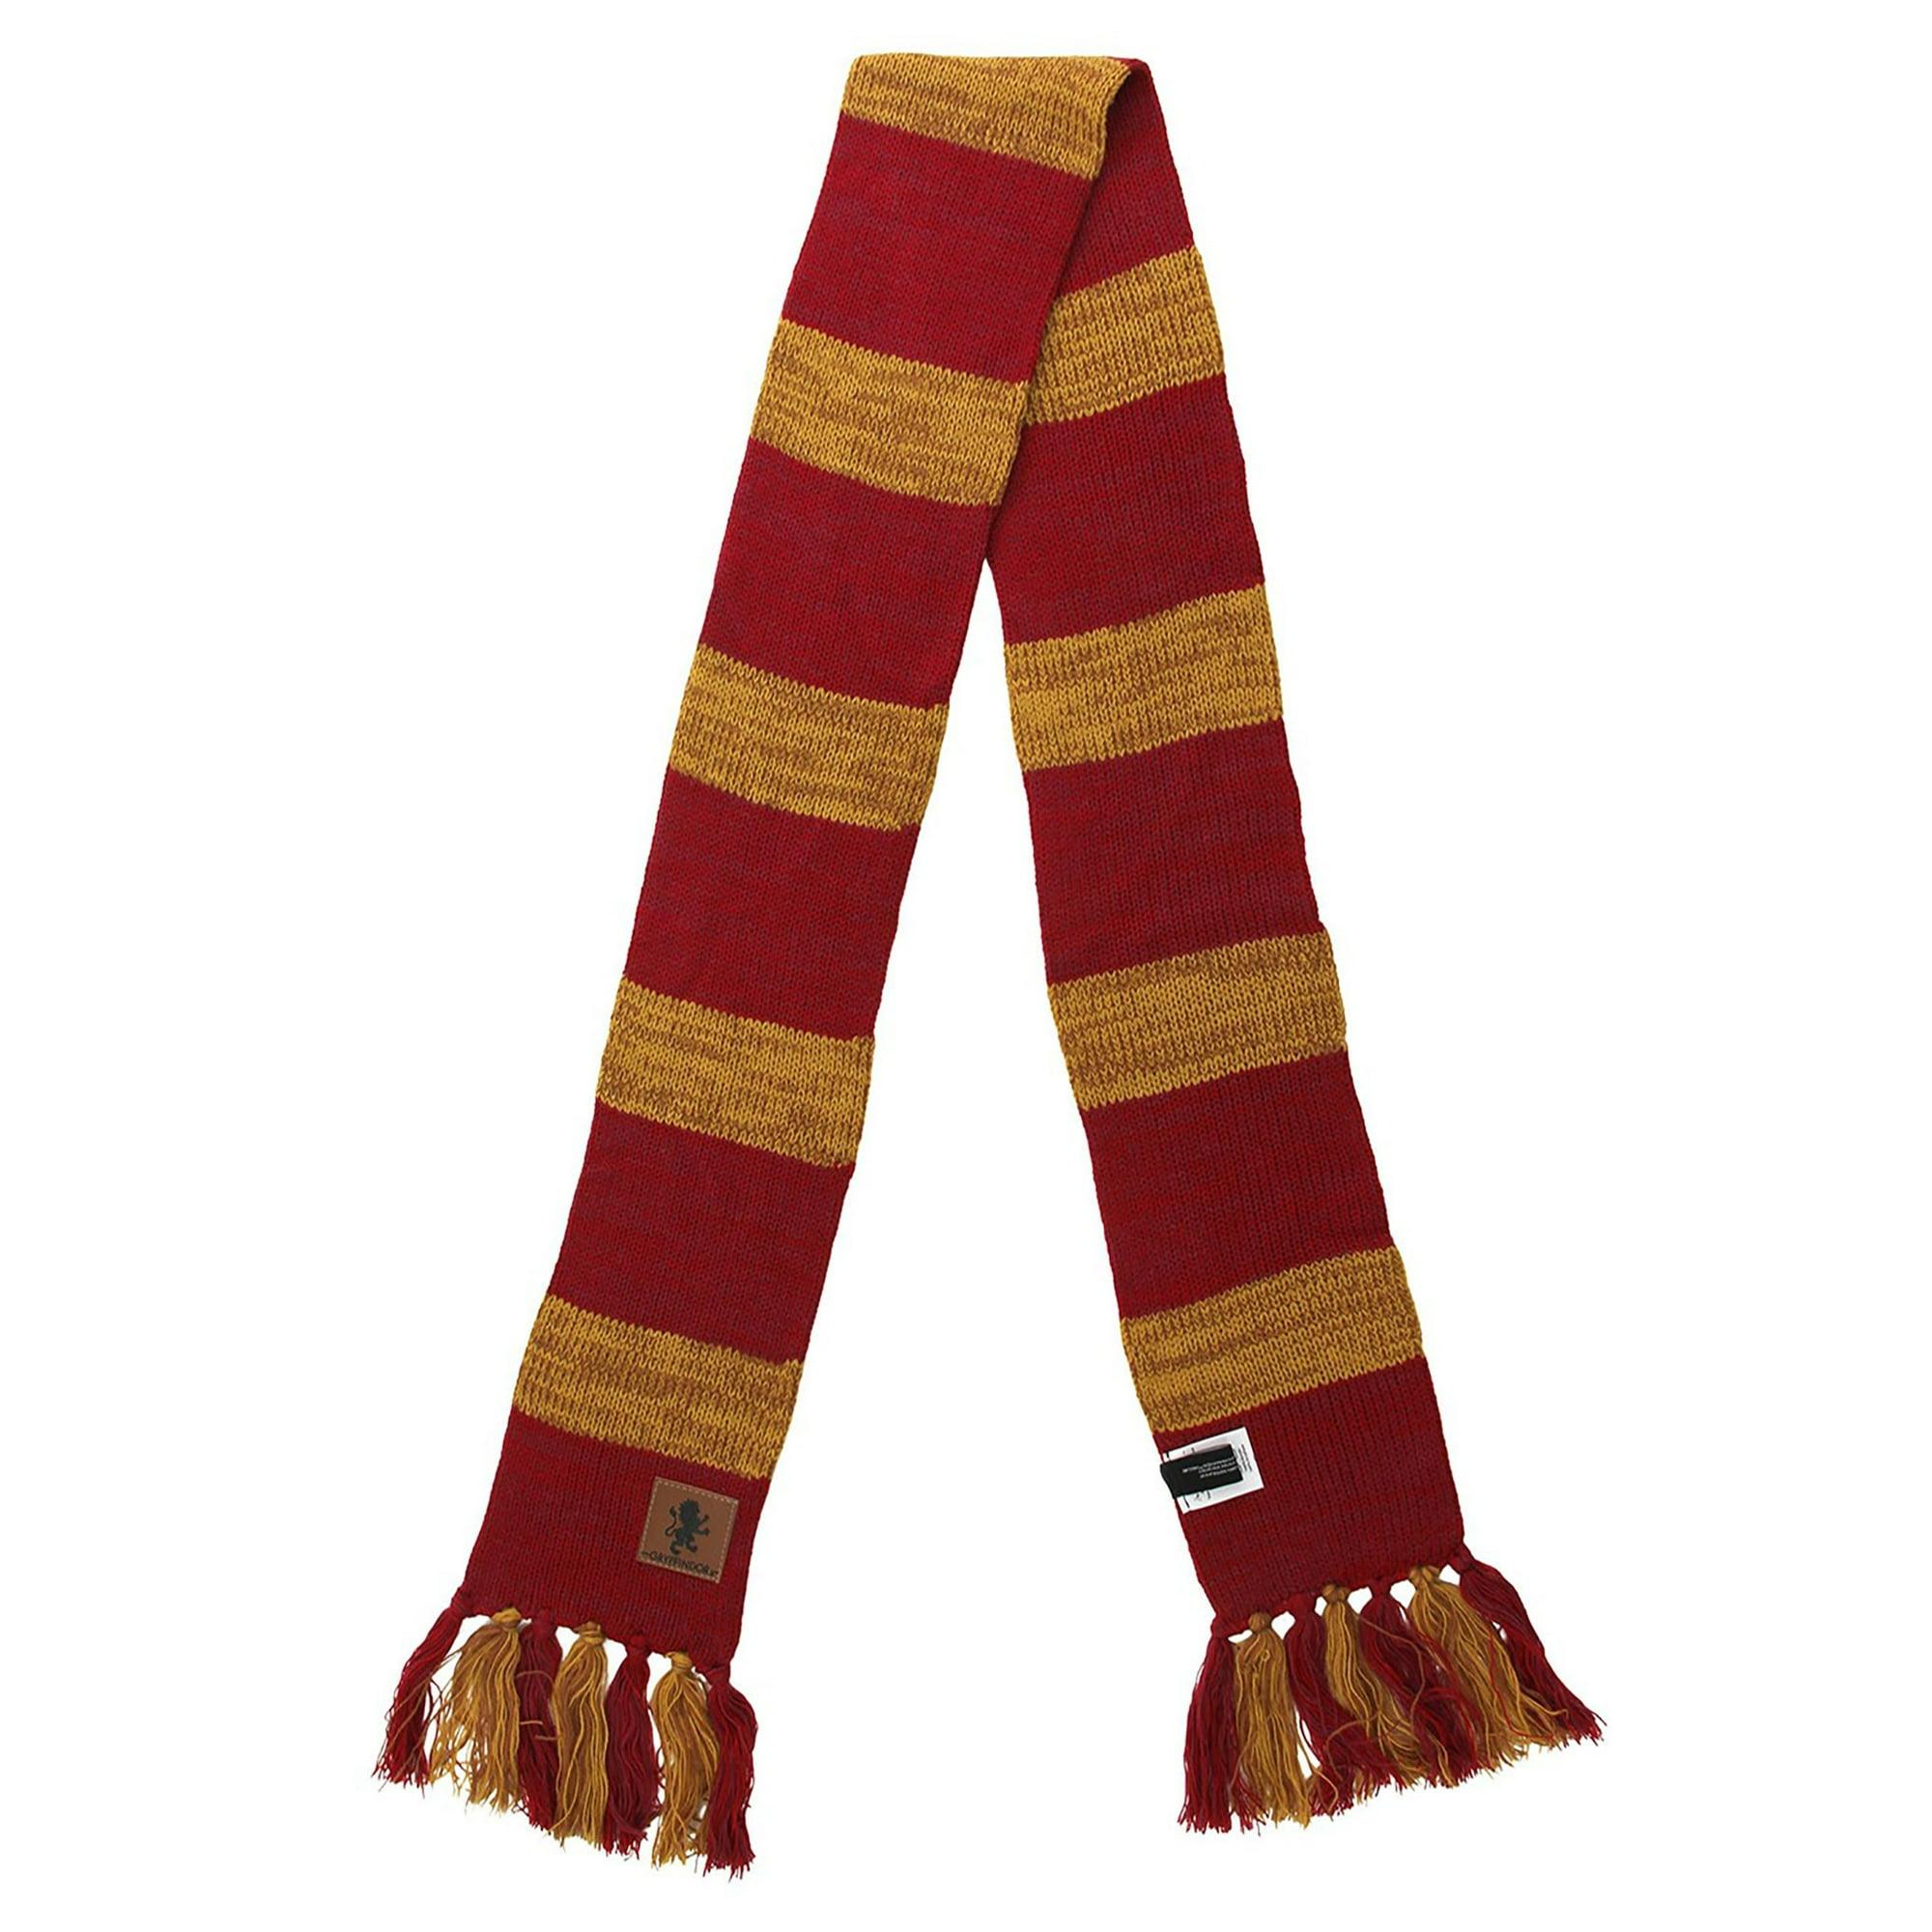 70ea07e9c59 Harry Potter Vintage Hogwarts Gryffindor Scarf